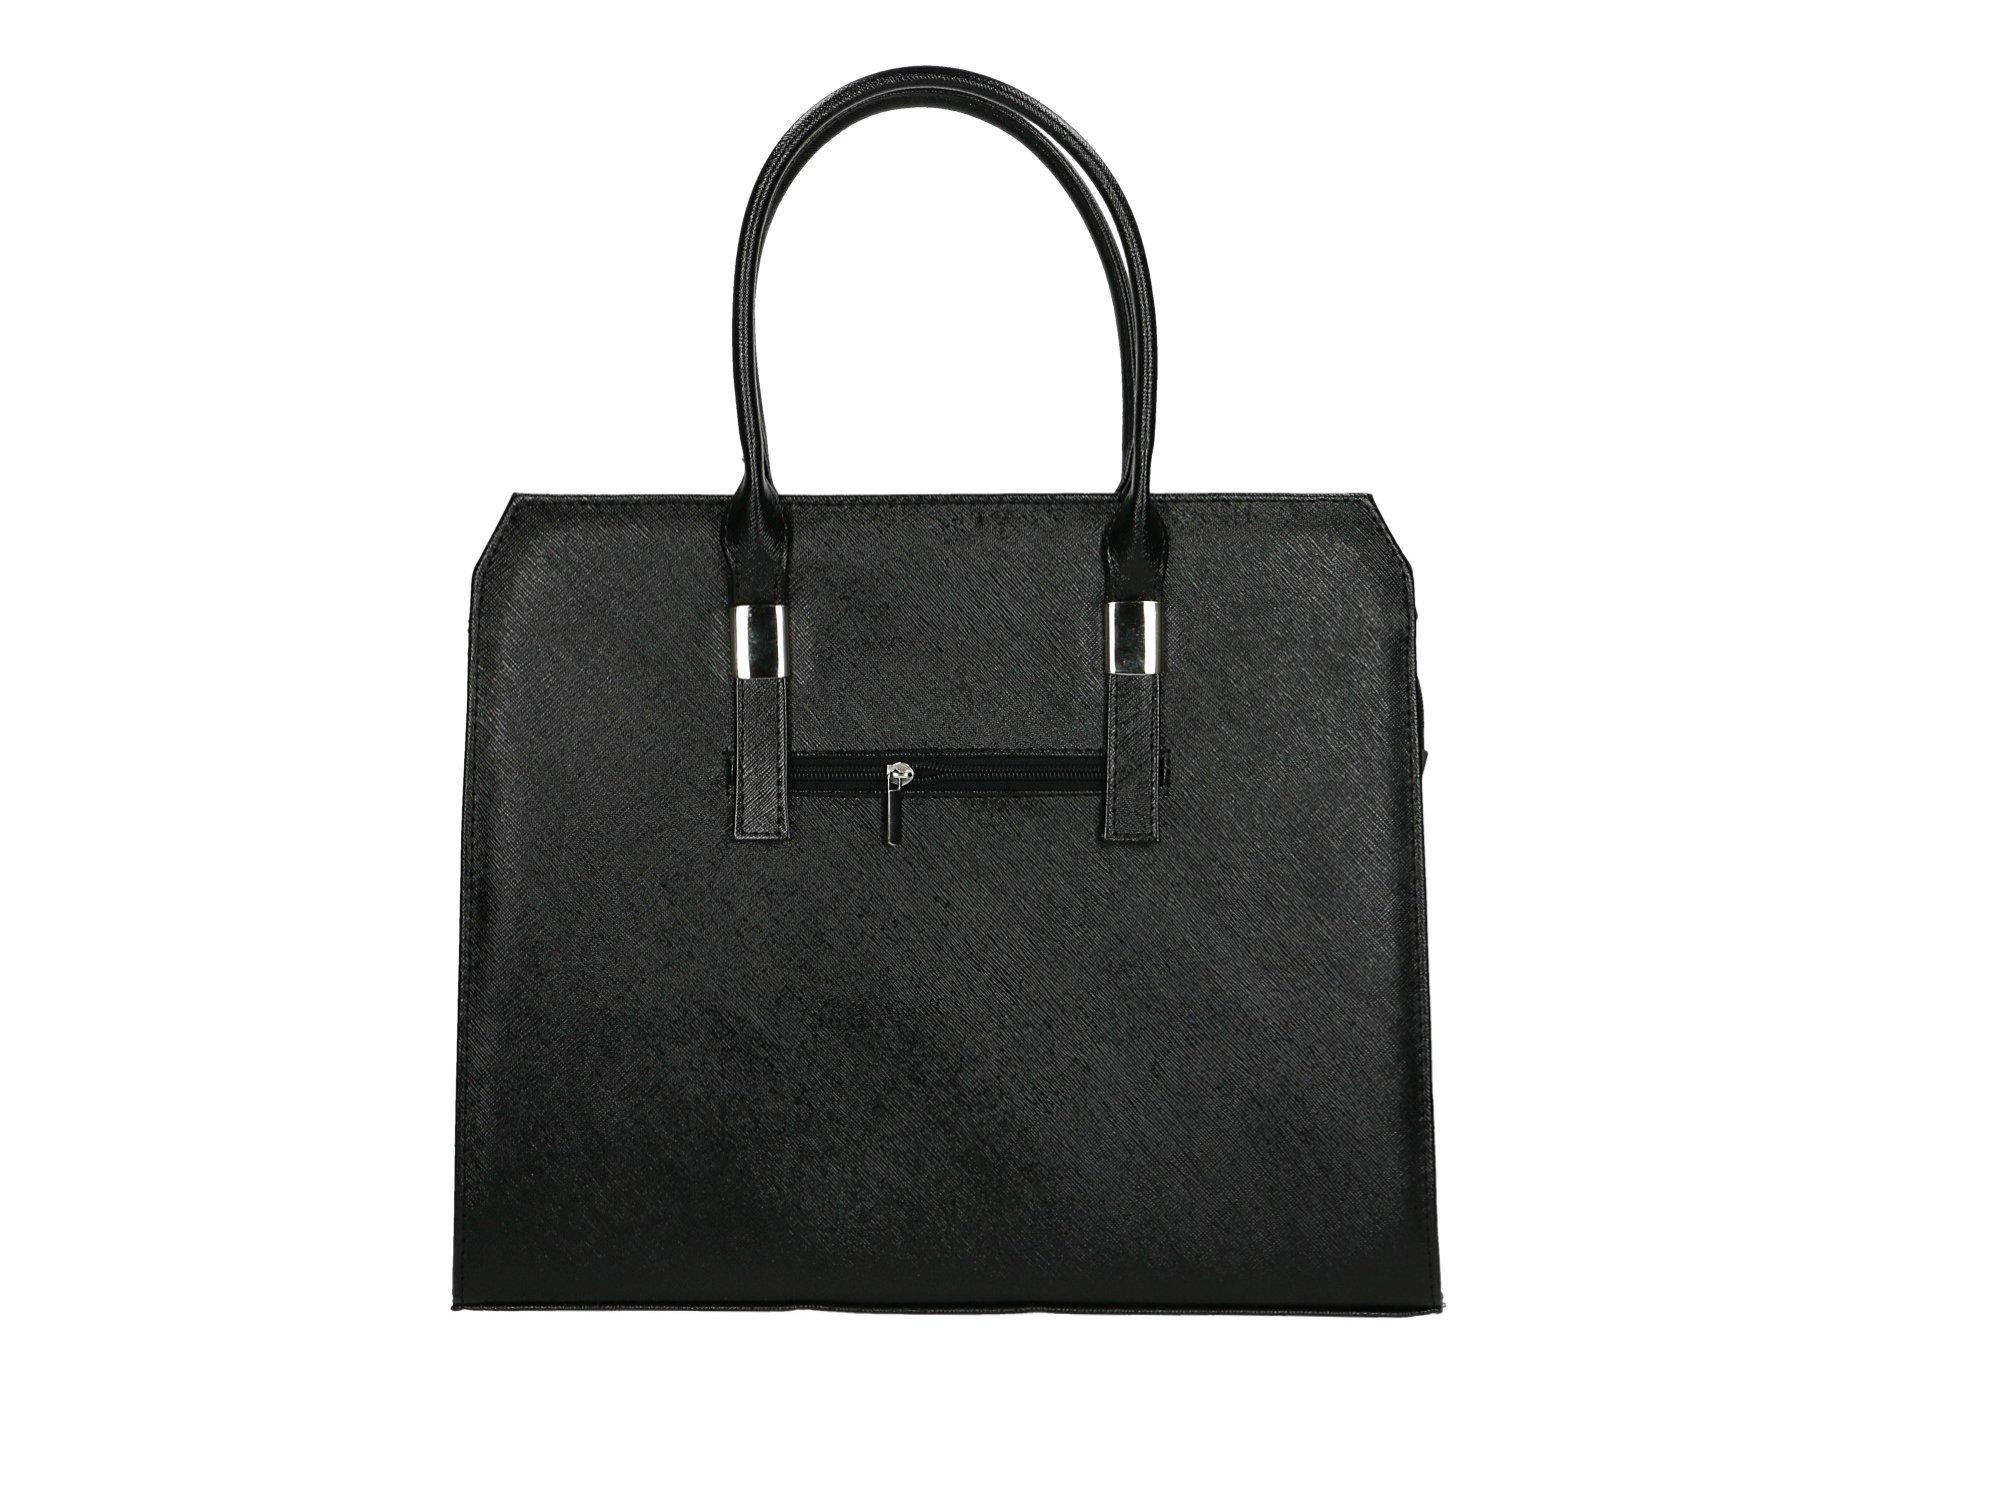 a3e62b7096dc2 Damska torebka miejska XL, teczka aktówka Safiano, cena - sklep | MB ...